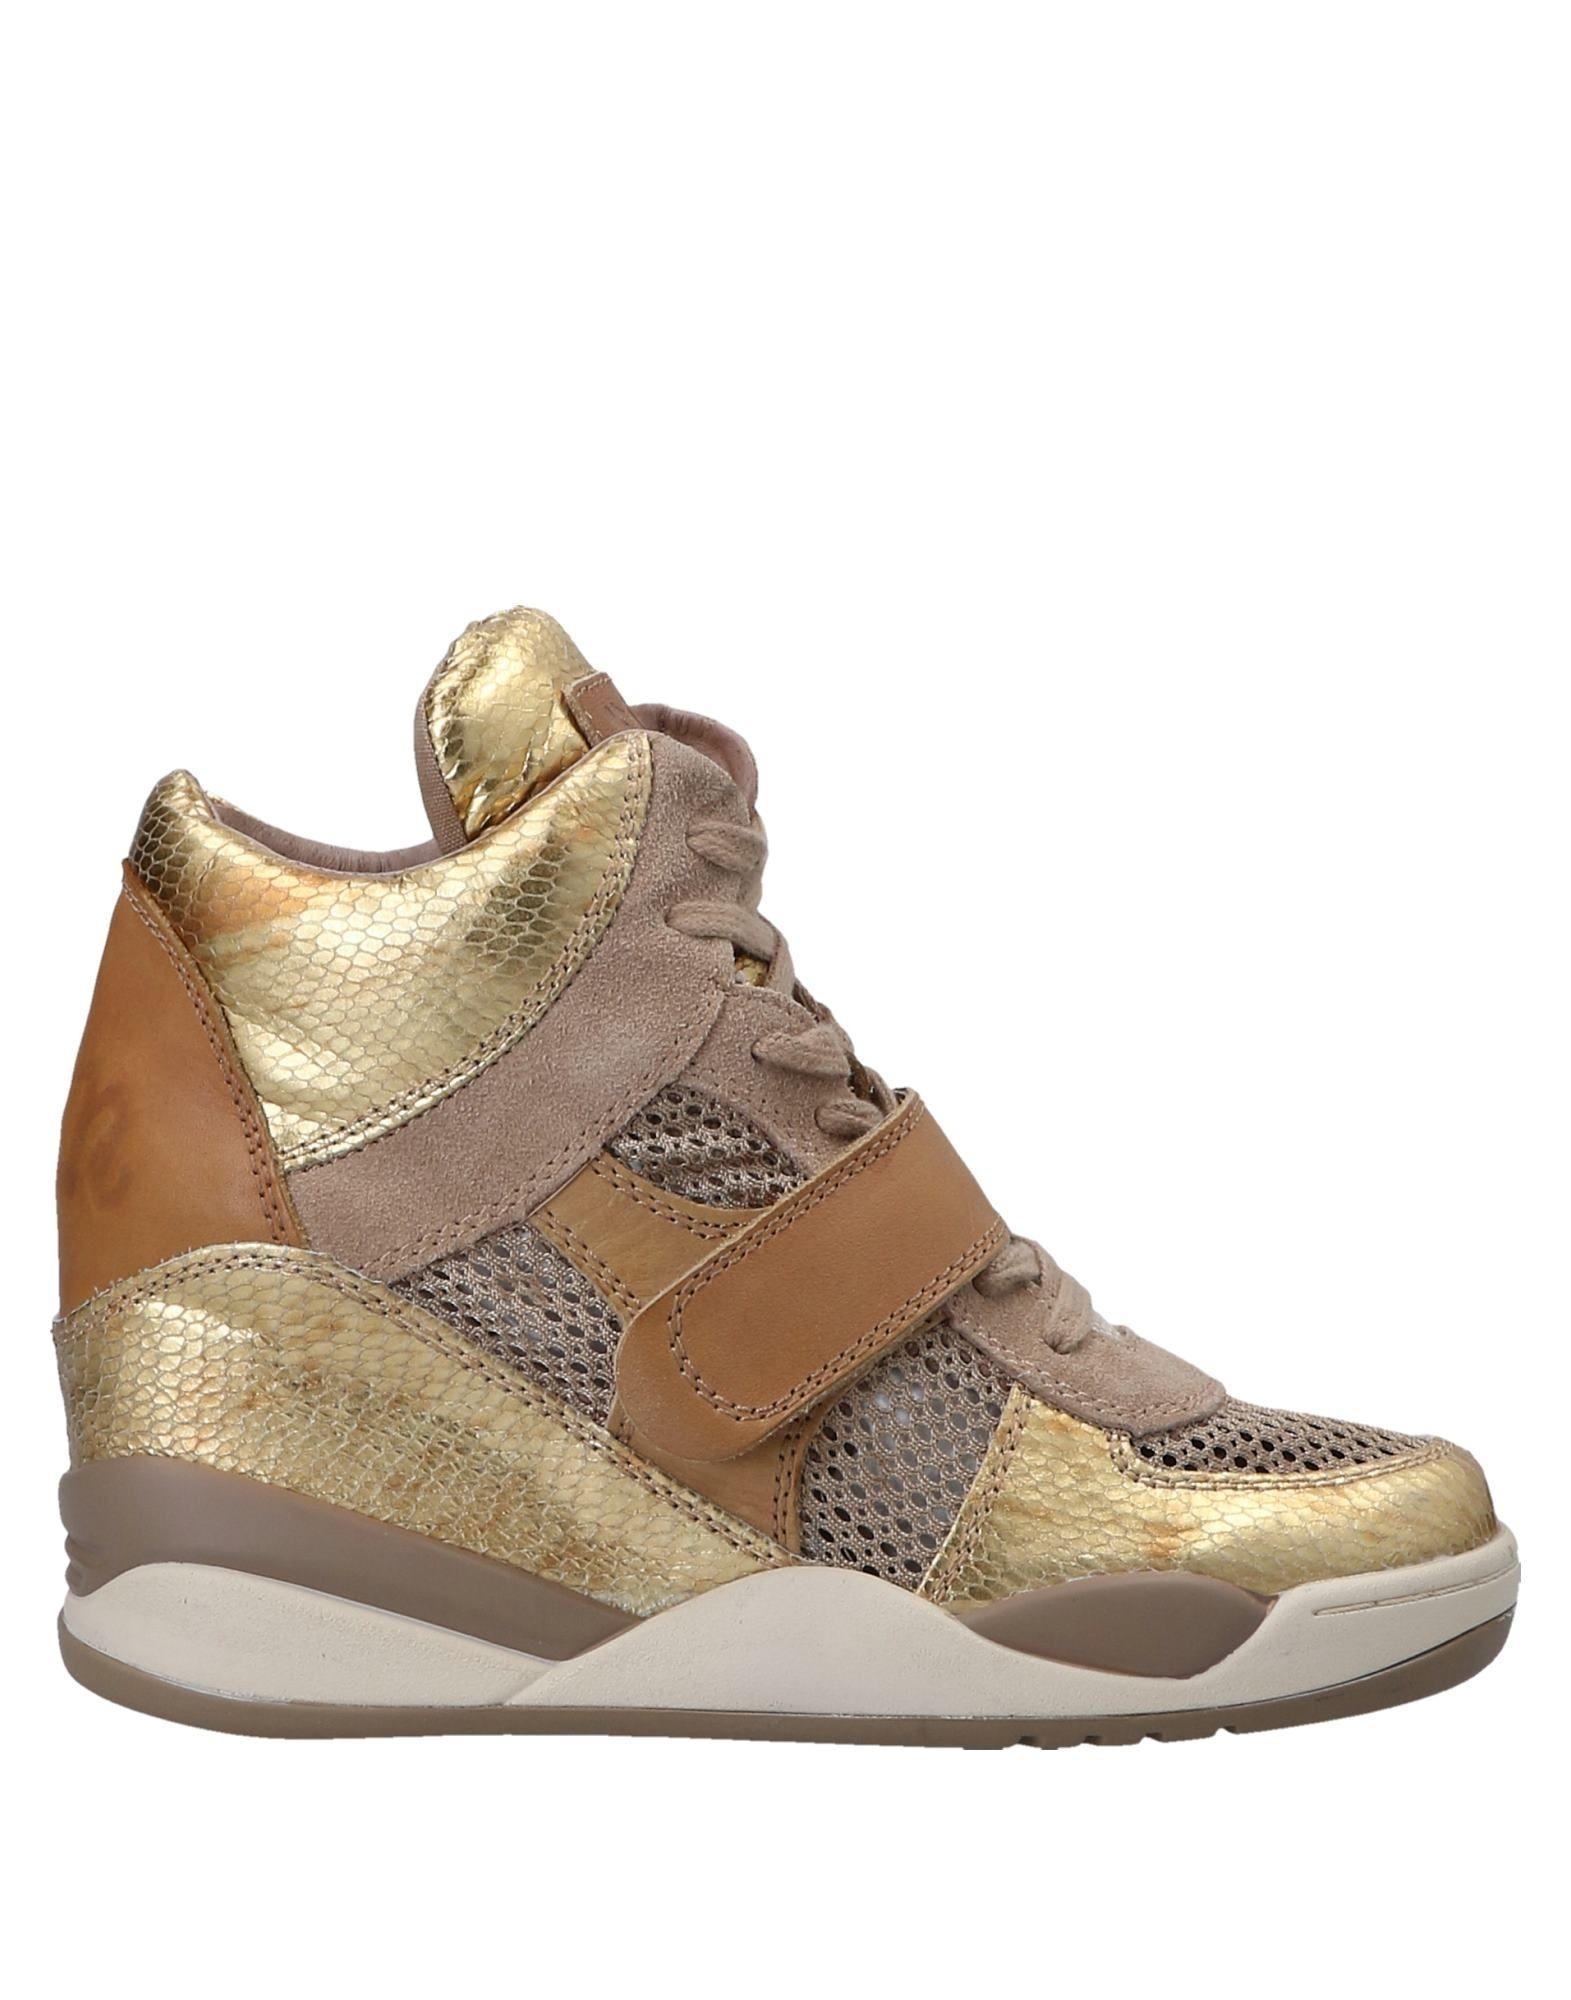 Ash Sneakers United - Women Ash Sneakers online on  United Sneakers Kingdom - 11562488HU 06b074